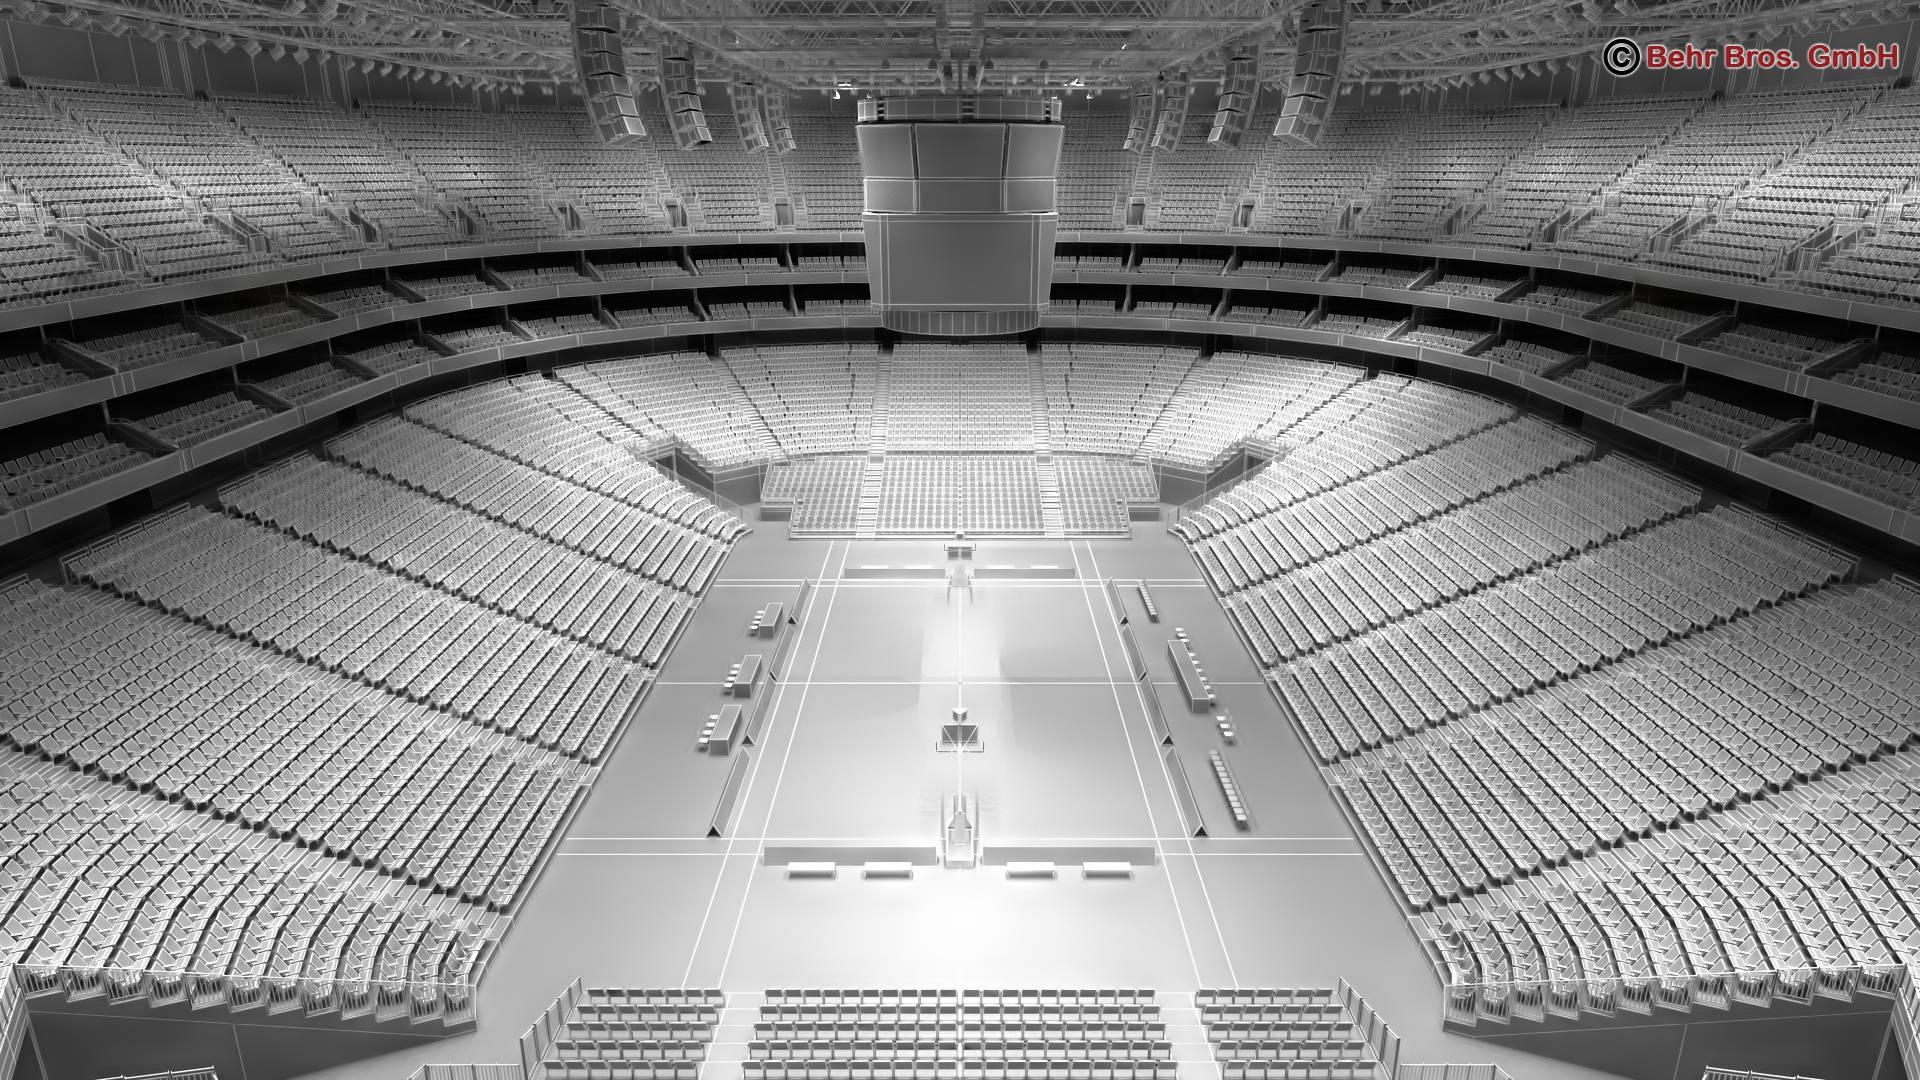 košarkaška arena v2 3d model 3ds max fbx c4d lwo ma mb obj 222374